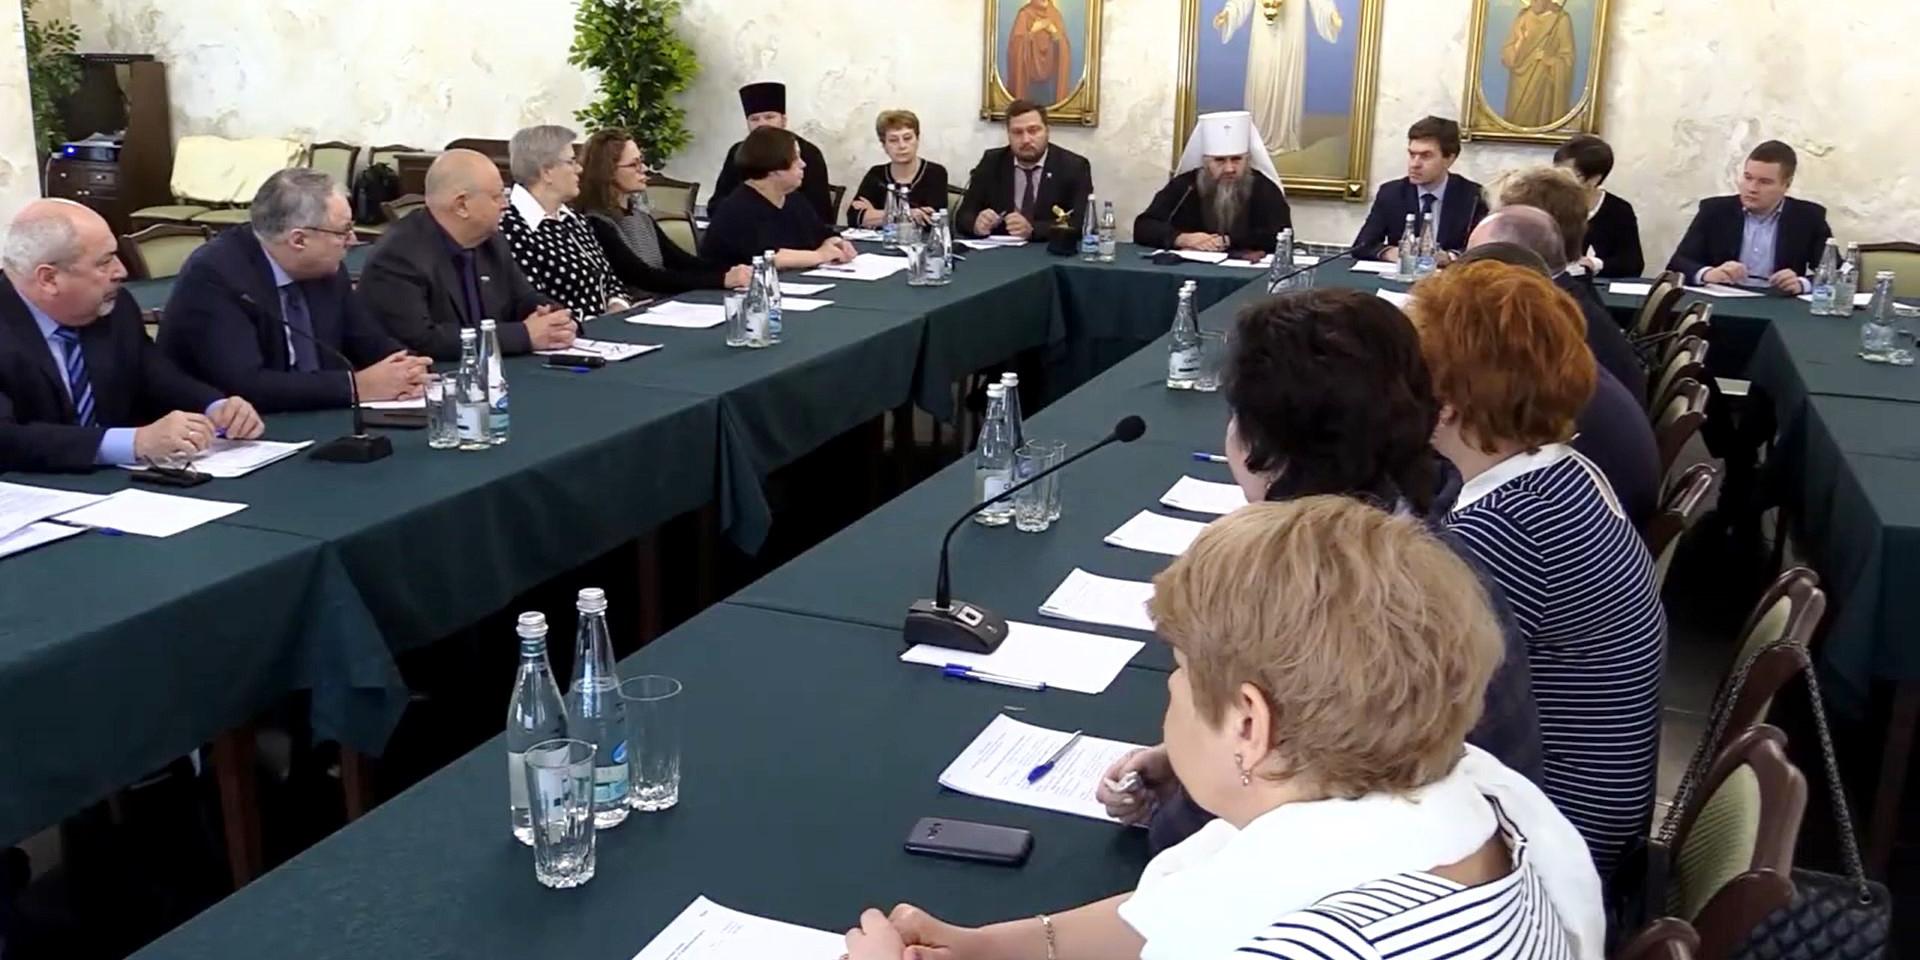 Круглый стол по реализации проектов «Серафимовский врач» и «Серафимовская сестра милосердия»